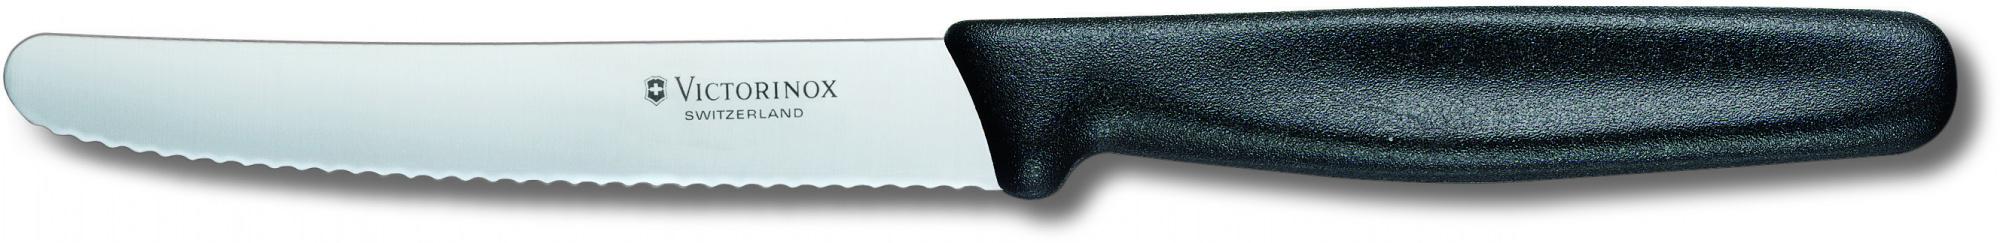 Victorinox 11 см (5.0833) - нож для томатов и сосисок (Black)